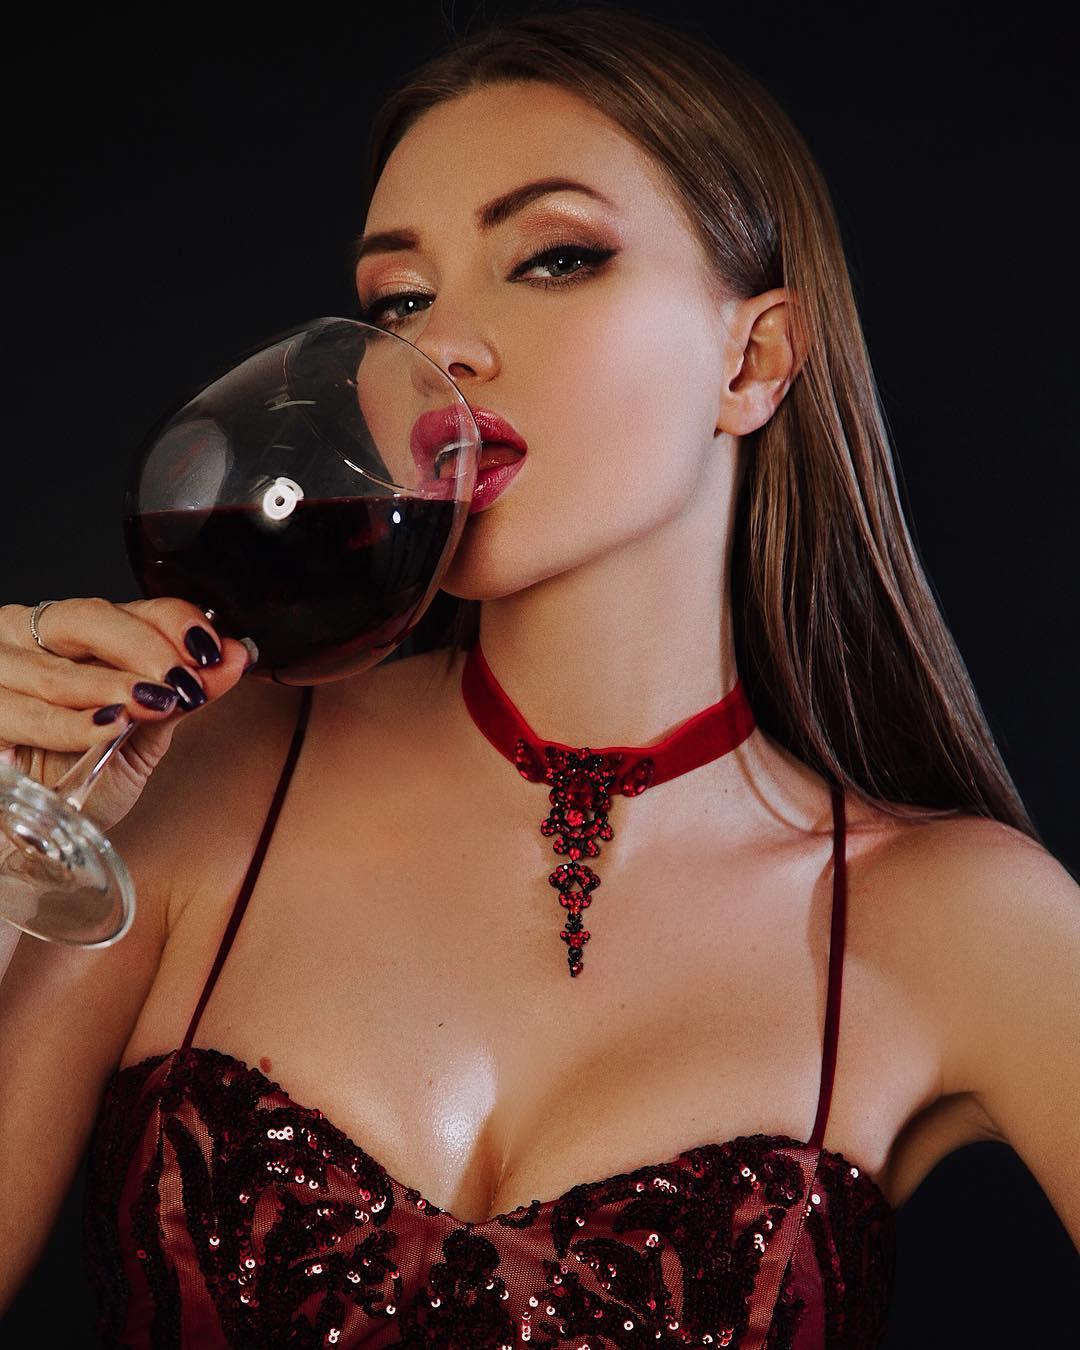 Евгения Феофилактова: Отгадайте что в бокале? Сразу пишу, это не вино.) Знают только я и @tatuana_kucheruk_ )). Кстати,  у вас сейчас есть замечательная возможность получить скидку на съёмку  у одного из лучших фотографов  @tatuana_kucheruk_ Поспешите  #feofilaktovaevg...